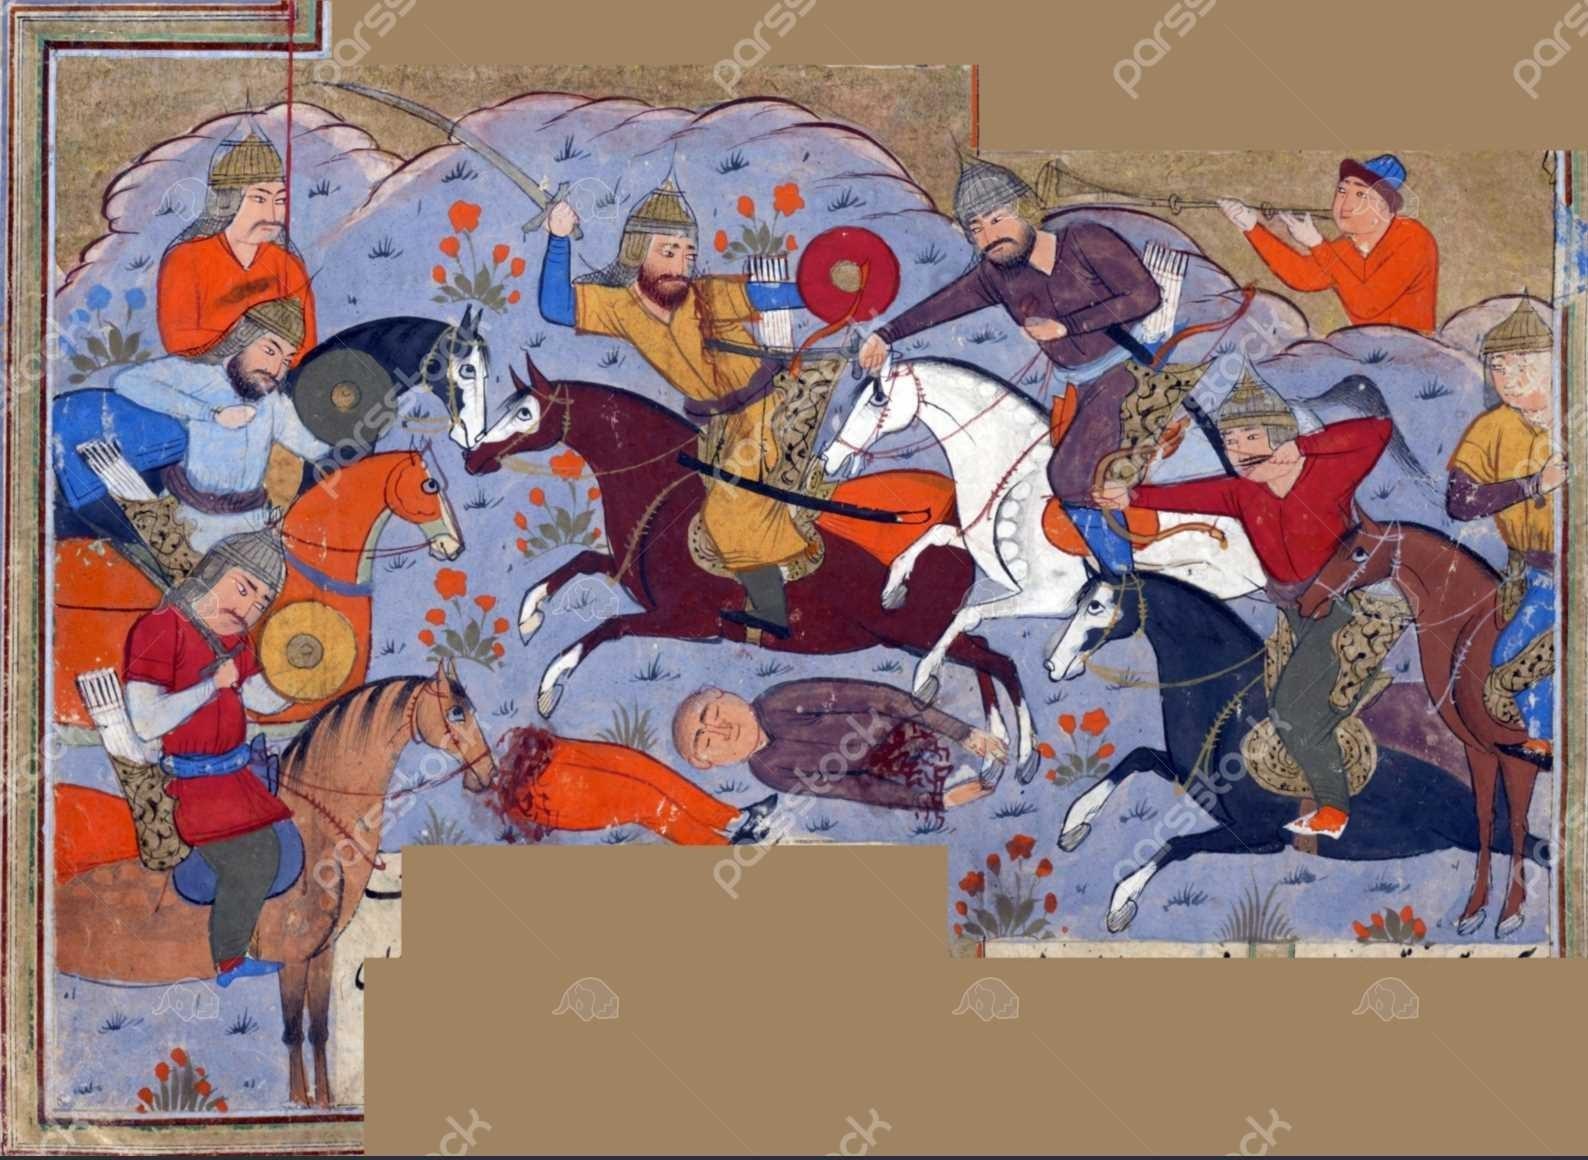 یادآوری ایران به بهای فراموشی جغرافیای فارسی